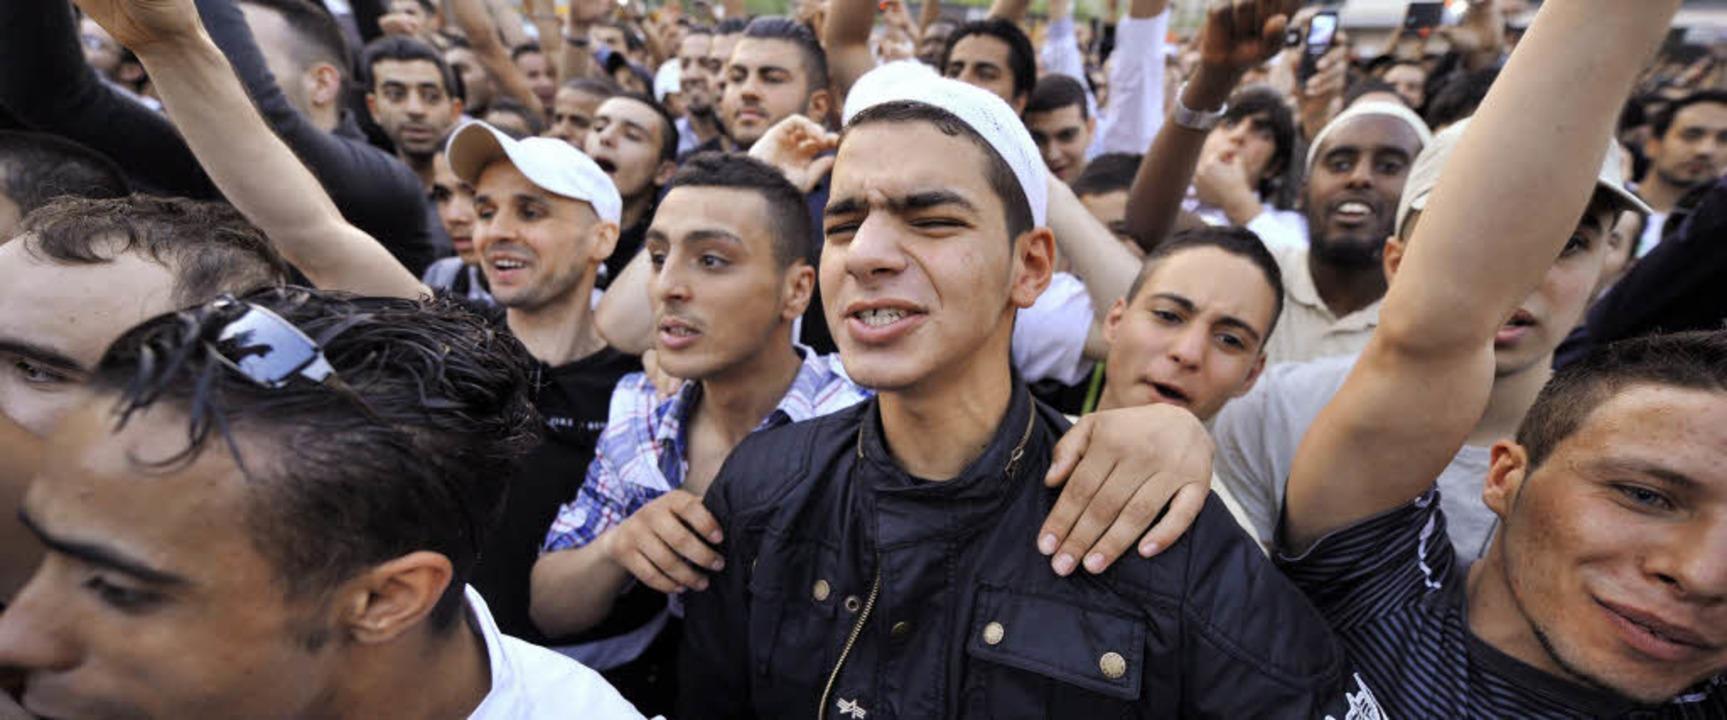 Anhänger der Salafisten jubeln  in  Fr...mstrittenen Prediger Pierre Vogel zu.   | Foto: dpa